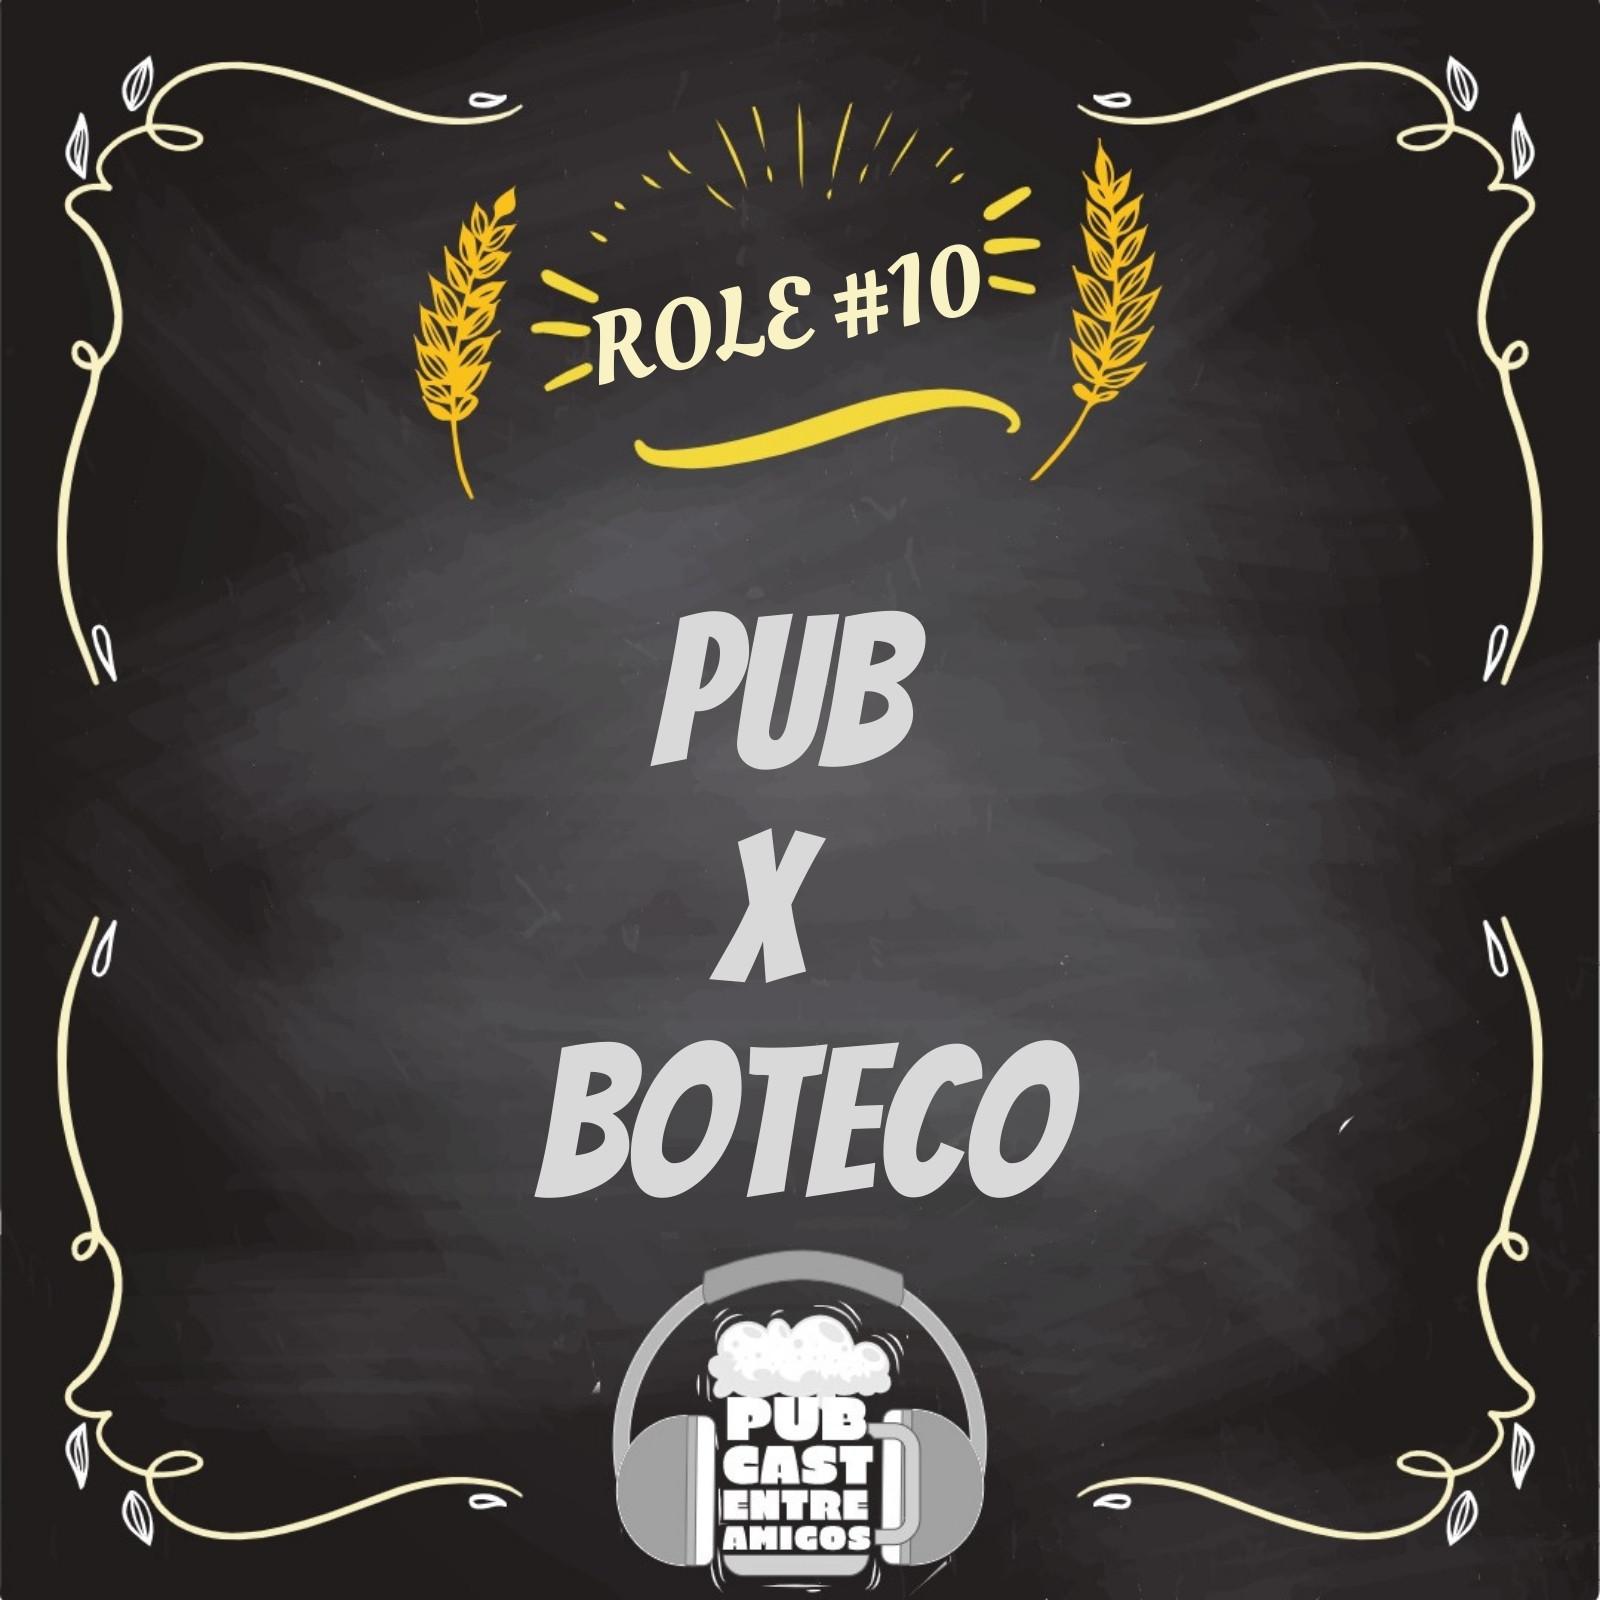 PubCast Rolê#10 - Pub vs Bar